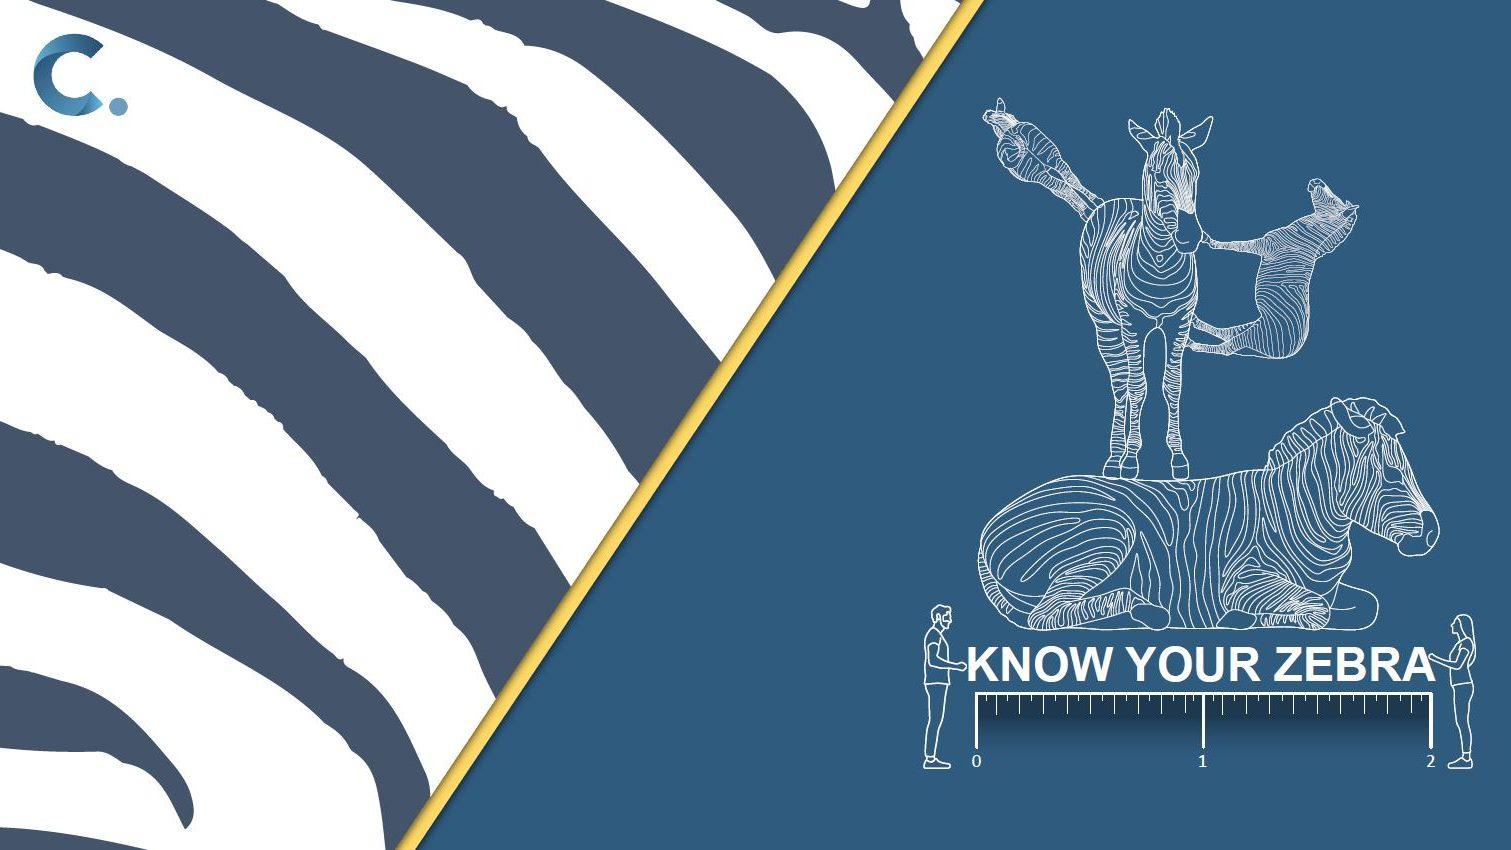 Know your Zebra, Covid ready workspaces